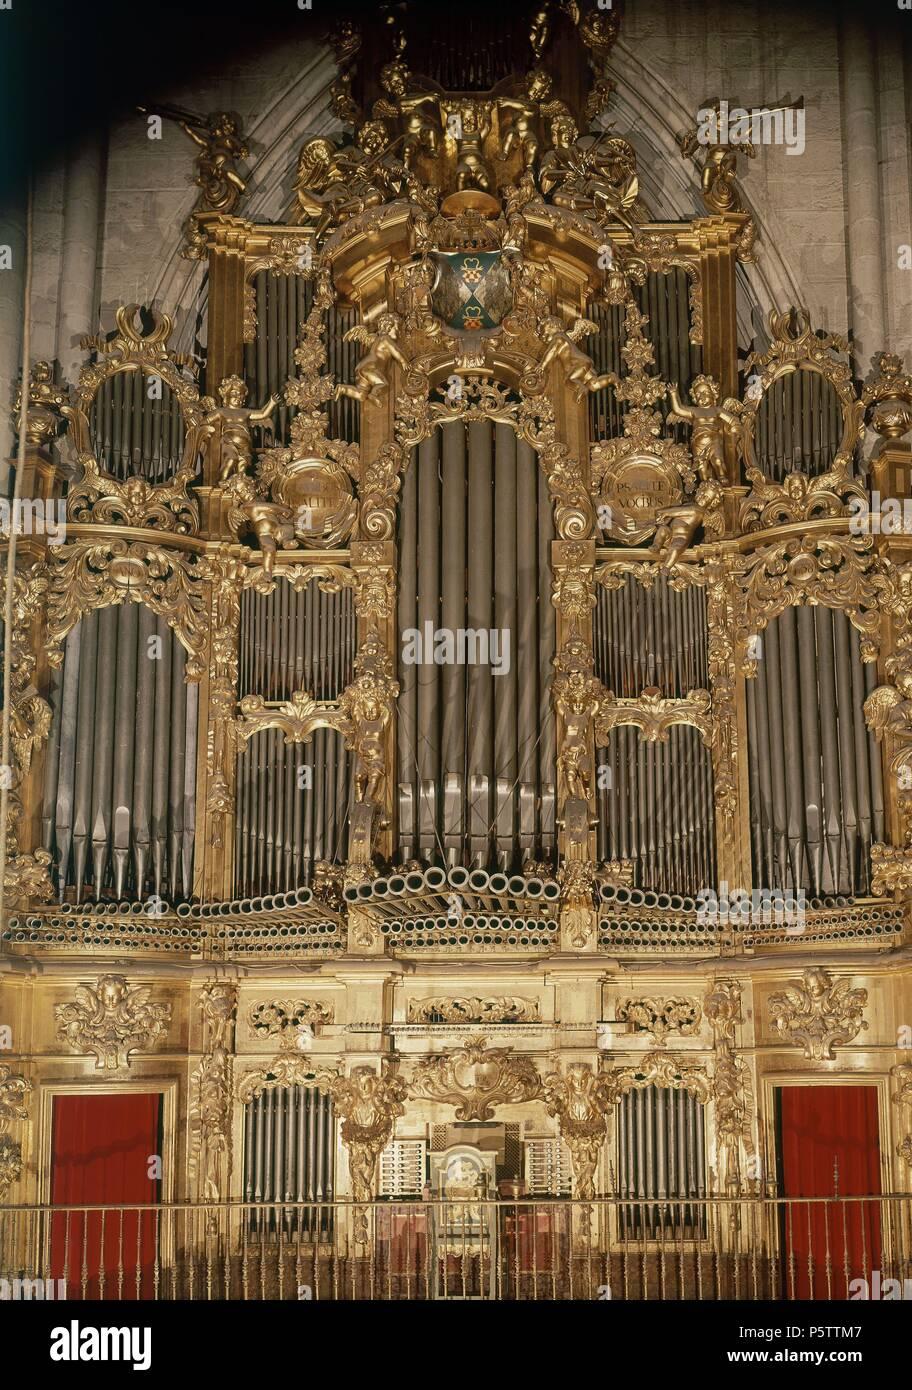 ORGANO barroco. Ubicación: Interior de la catedral, TOLEDO, España. Imagen De Stock